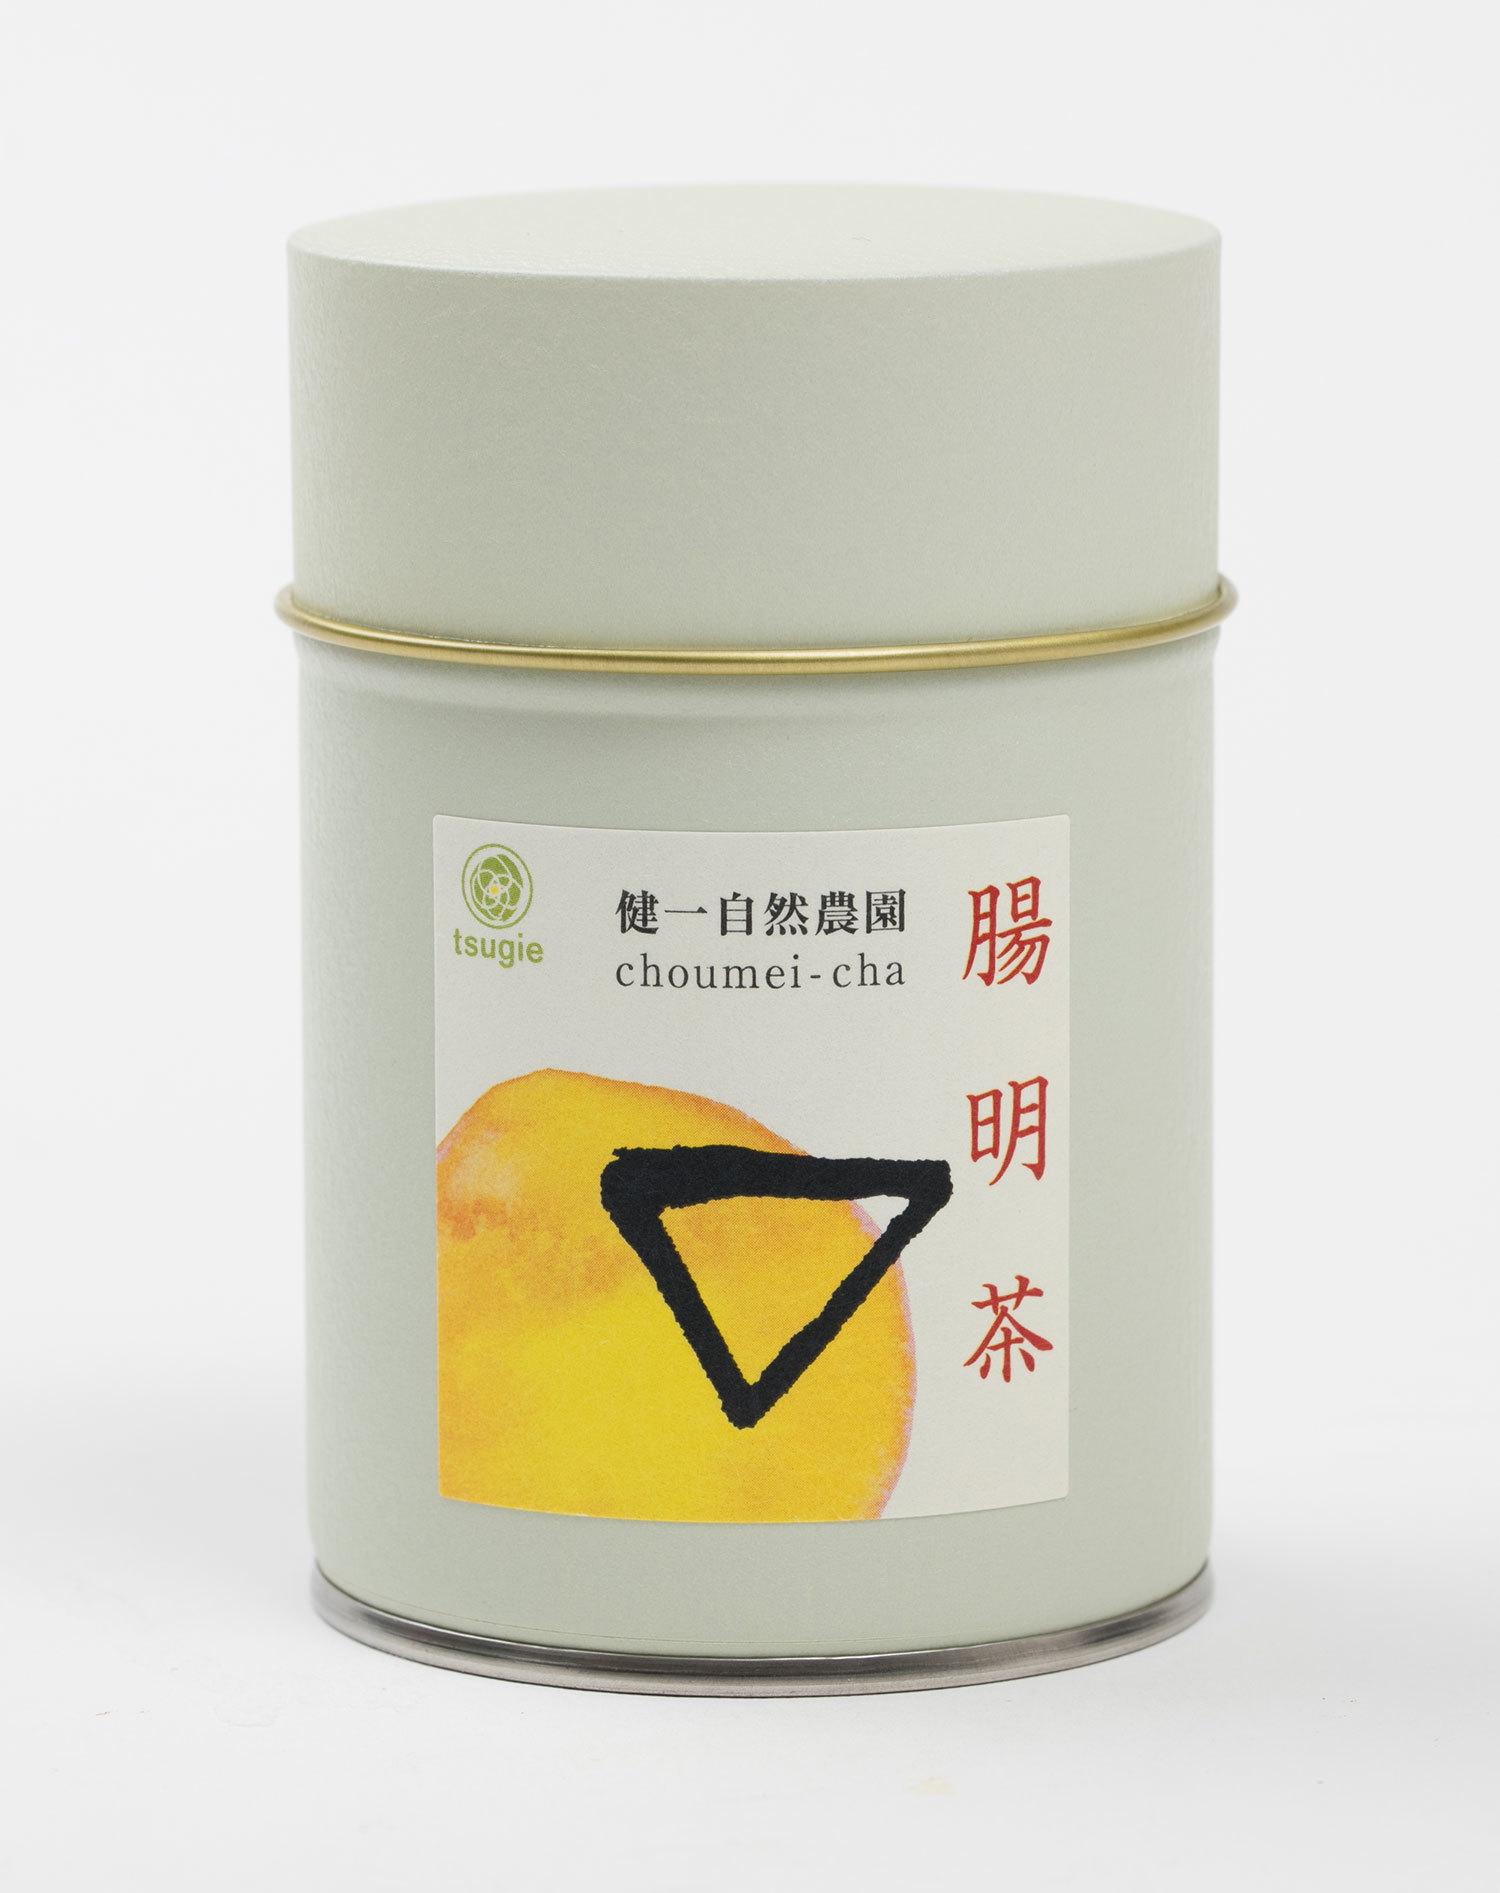 腸明茶 1